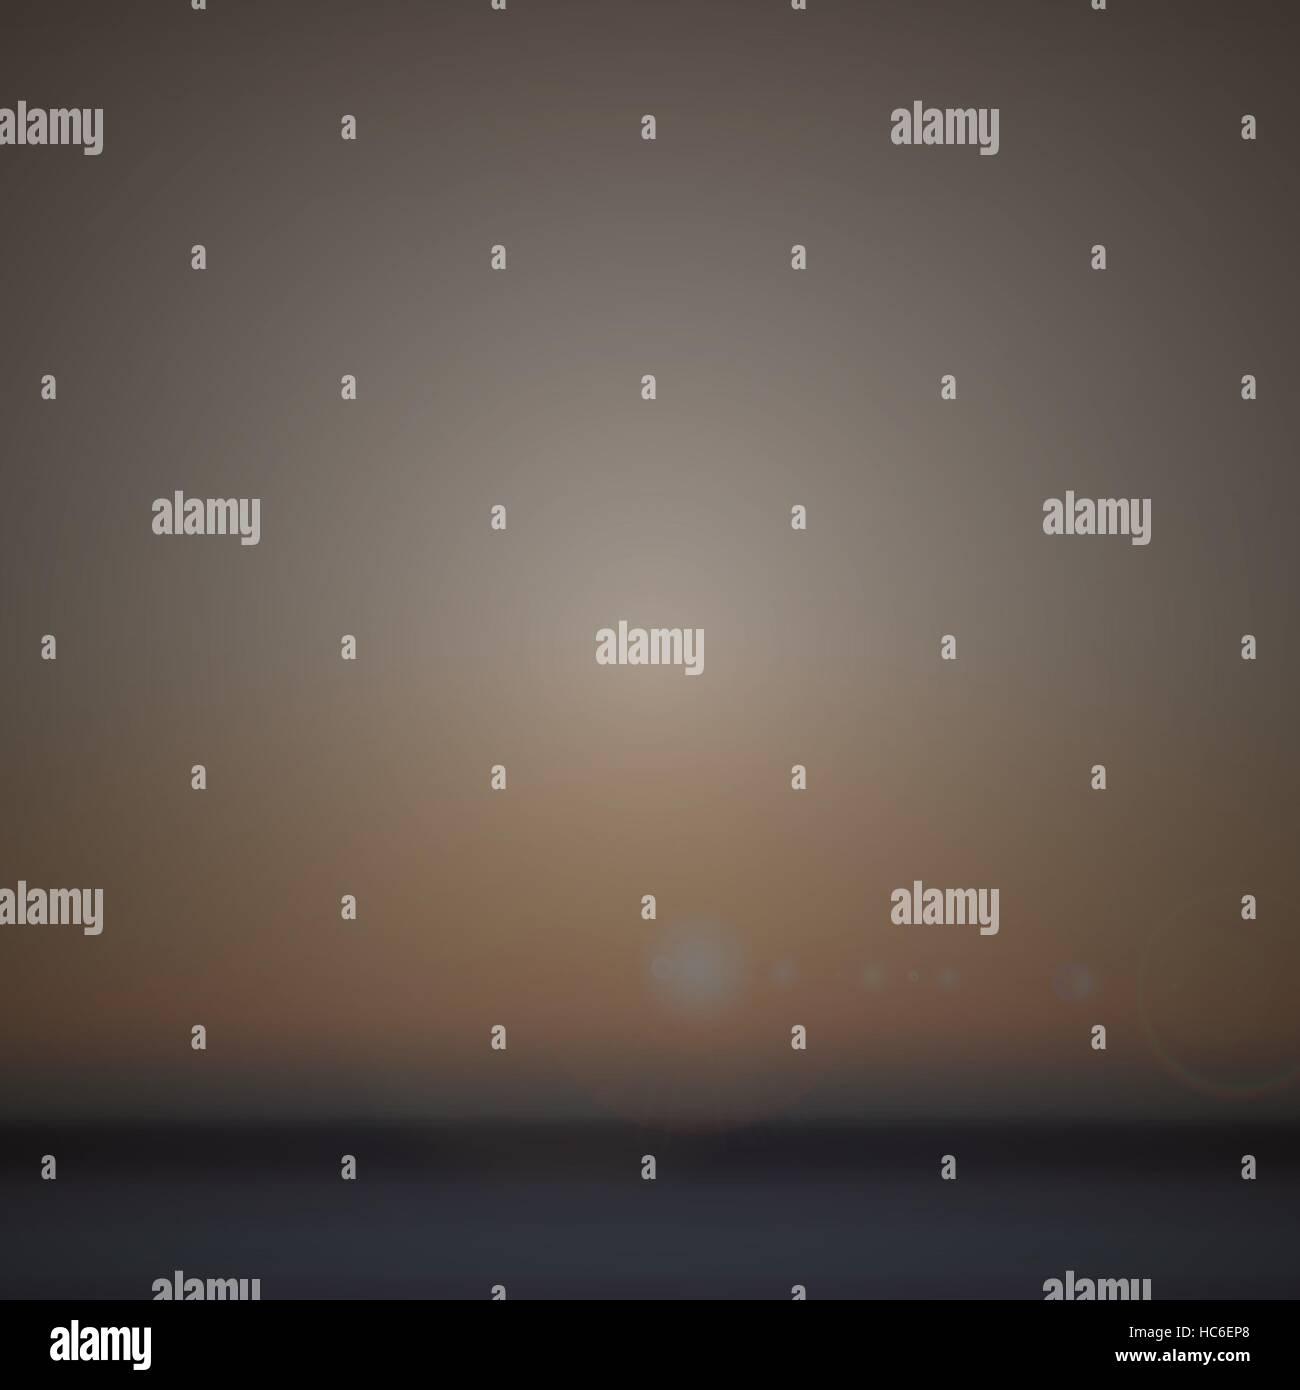 Blurred background of landscape design - Stock Image